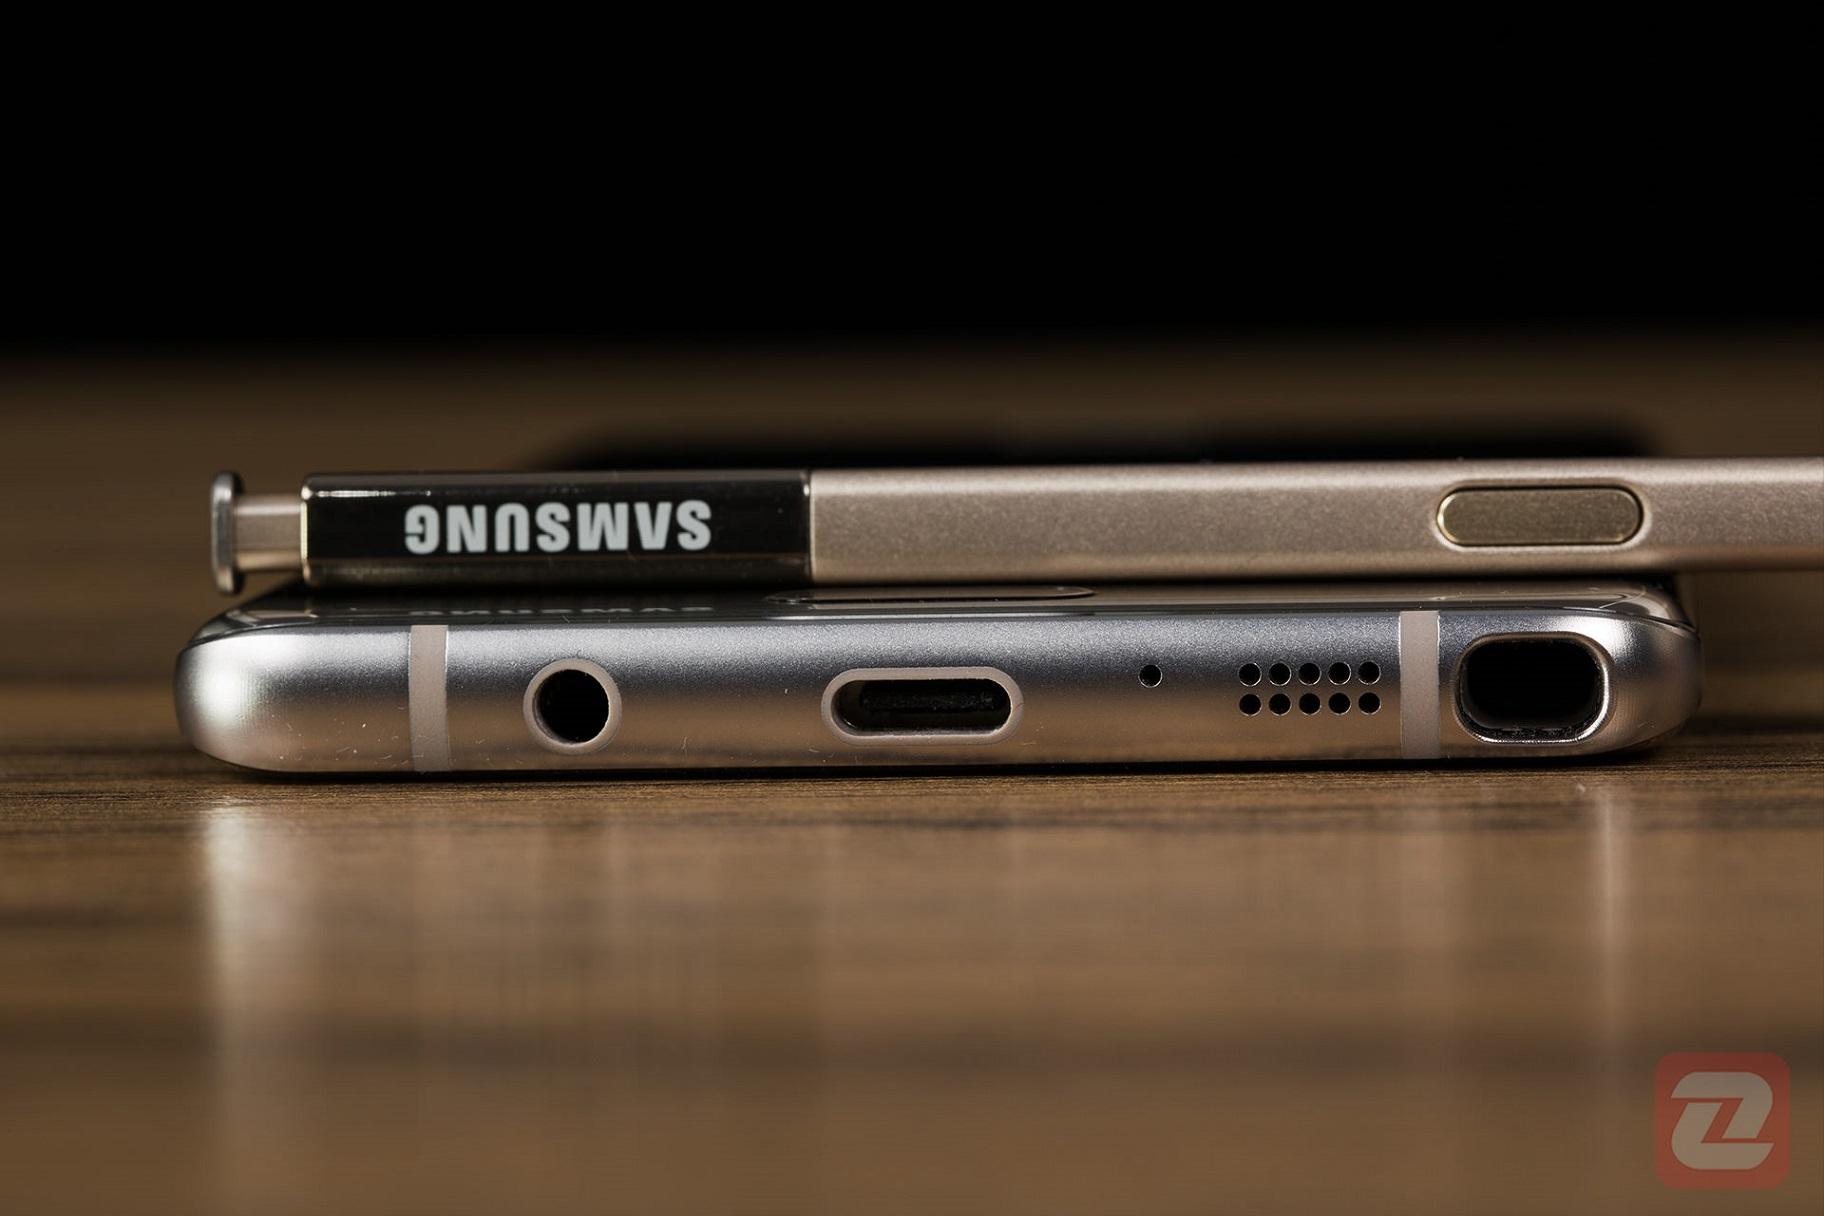 Galaxy Note 7 - Speakers